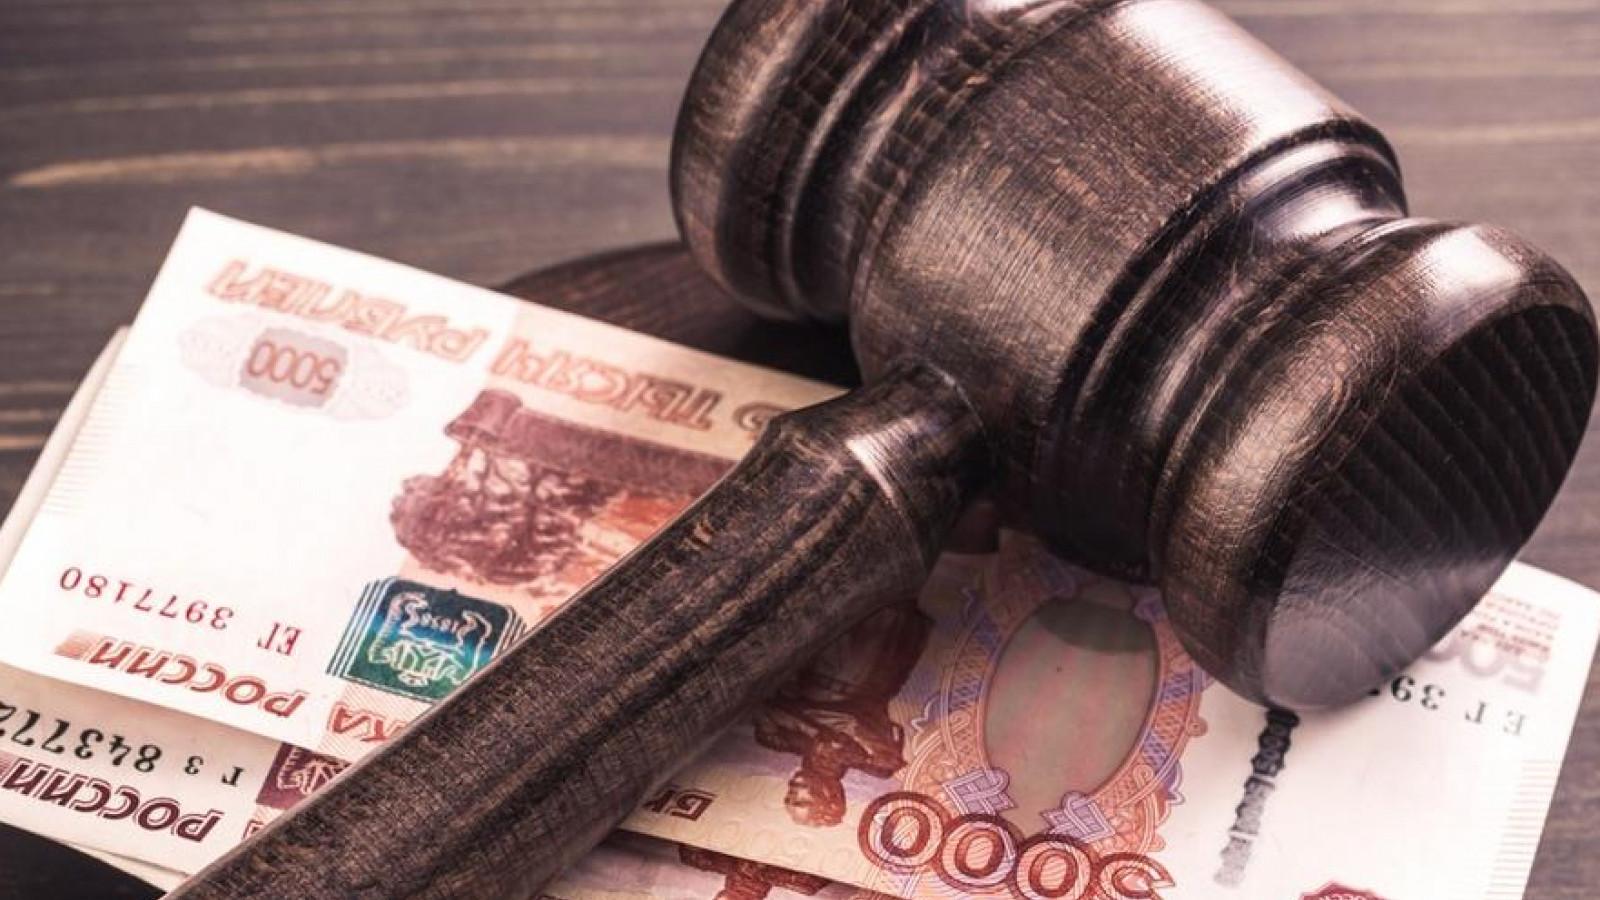 Застройщиков Подмосковья оштрафовали на 2 млн рублей за неделю